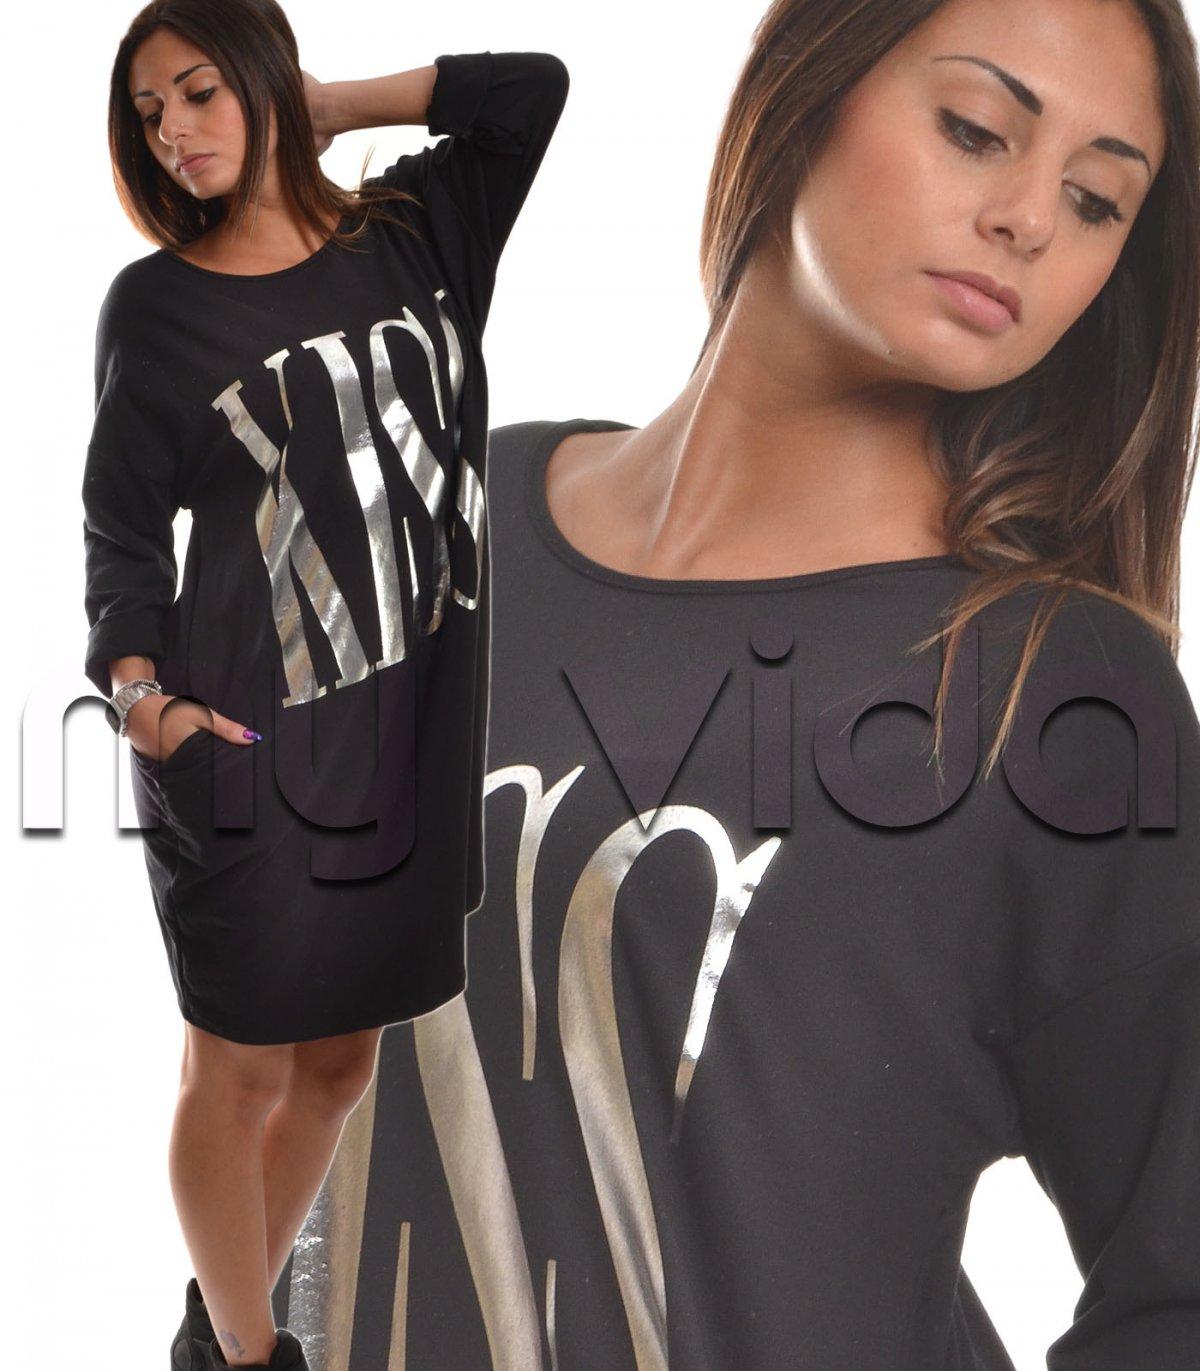 a9a812d7a698 Maxi maglie lunghe donna